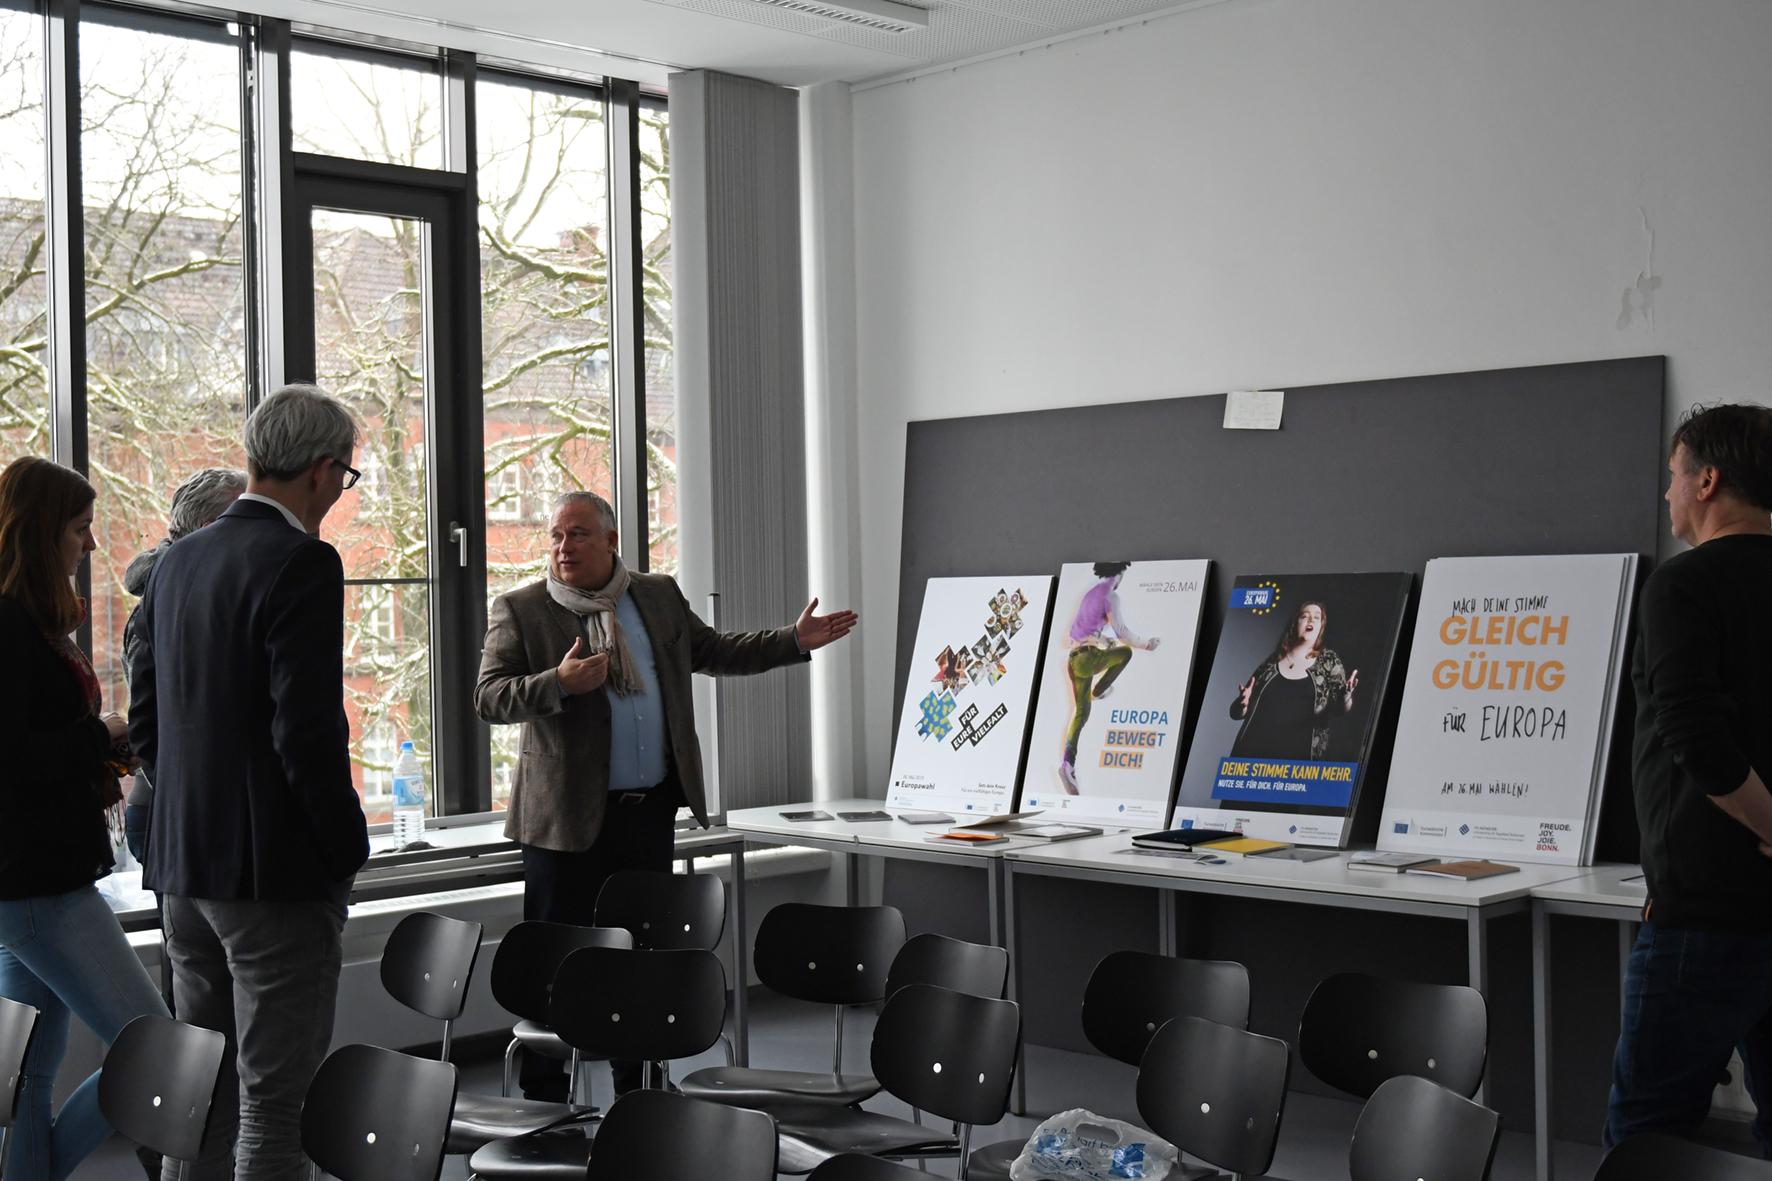 Jochen Pöttgen in der Diskussion mit der Jury